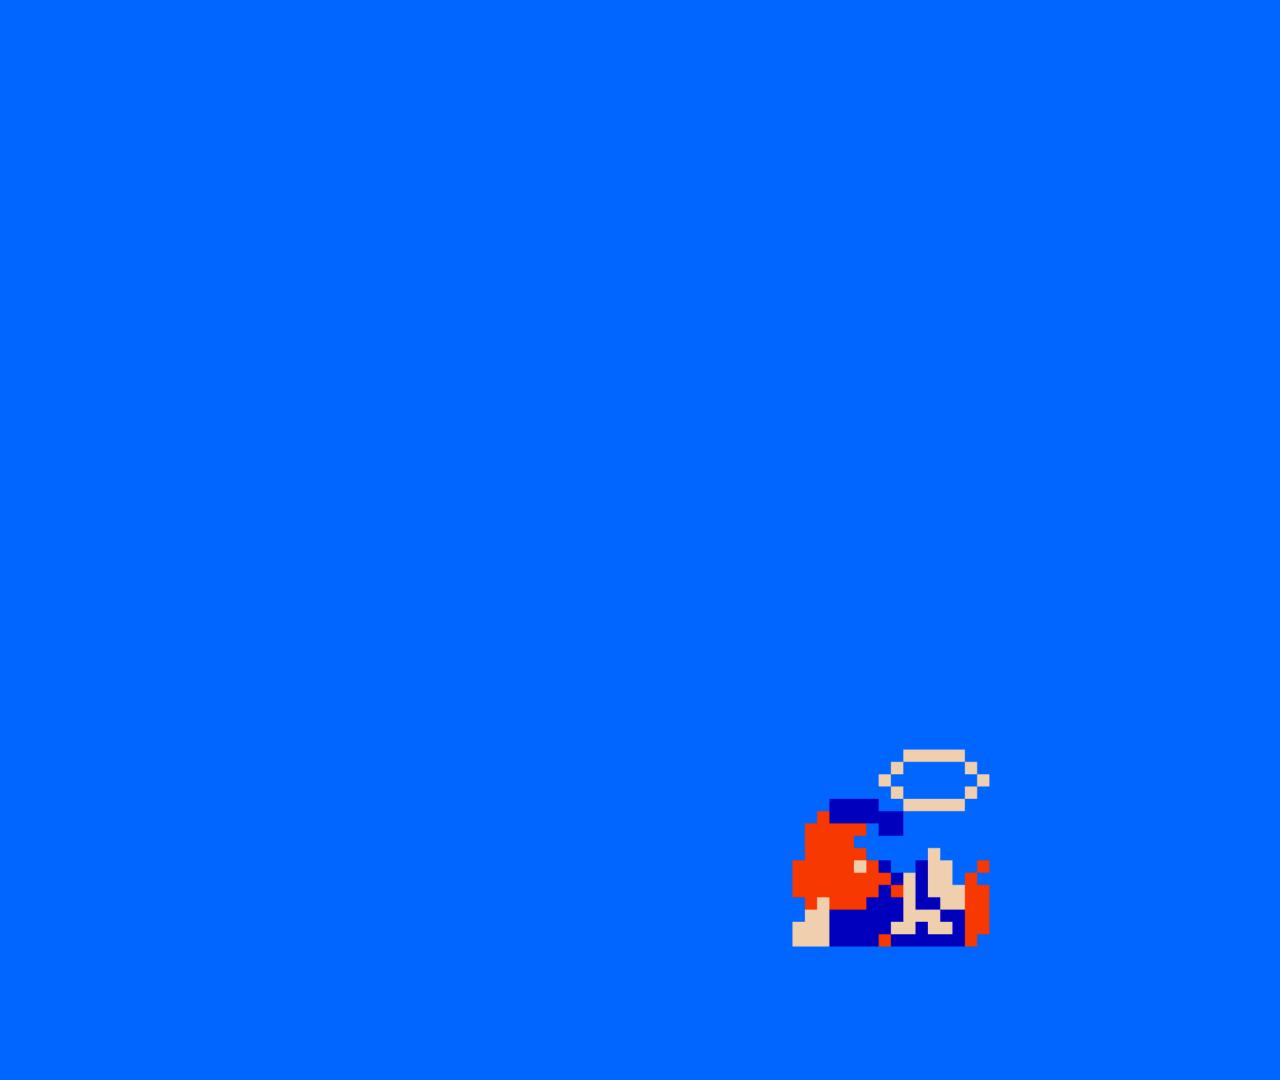 """Auch Liebe kann schmerzvoll sein: Shigeru Miyamoto und Gunpei Yoko erdachten 1981 die Geschichte des mutigen Mario, der aufbrach, seine Geliebte dem Affen """"Donkey Kong"""" zu entreissen, Scheitern inbegriffen. (Bild: Andreas Wanda)"""